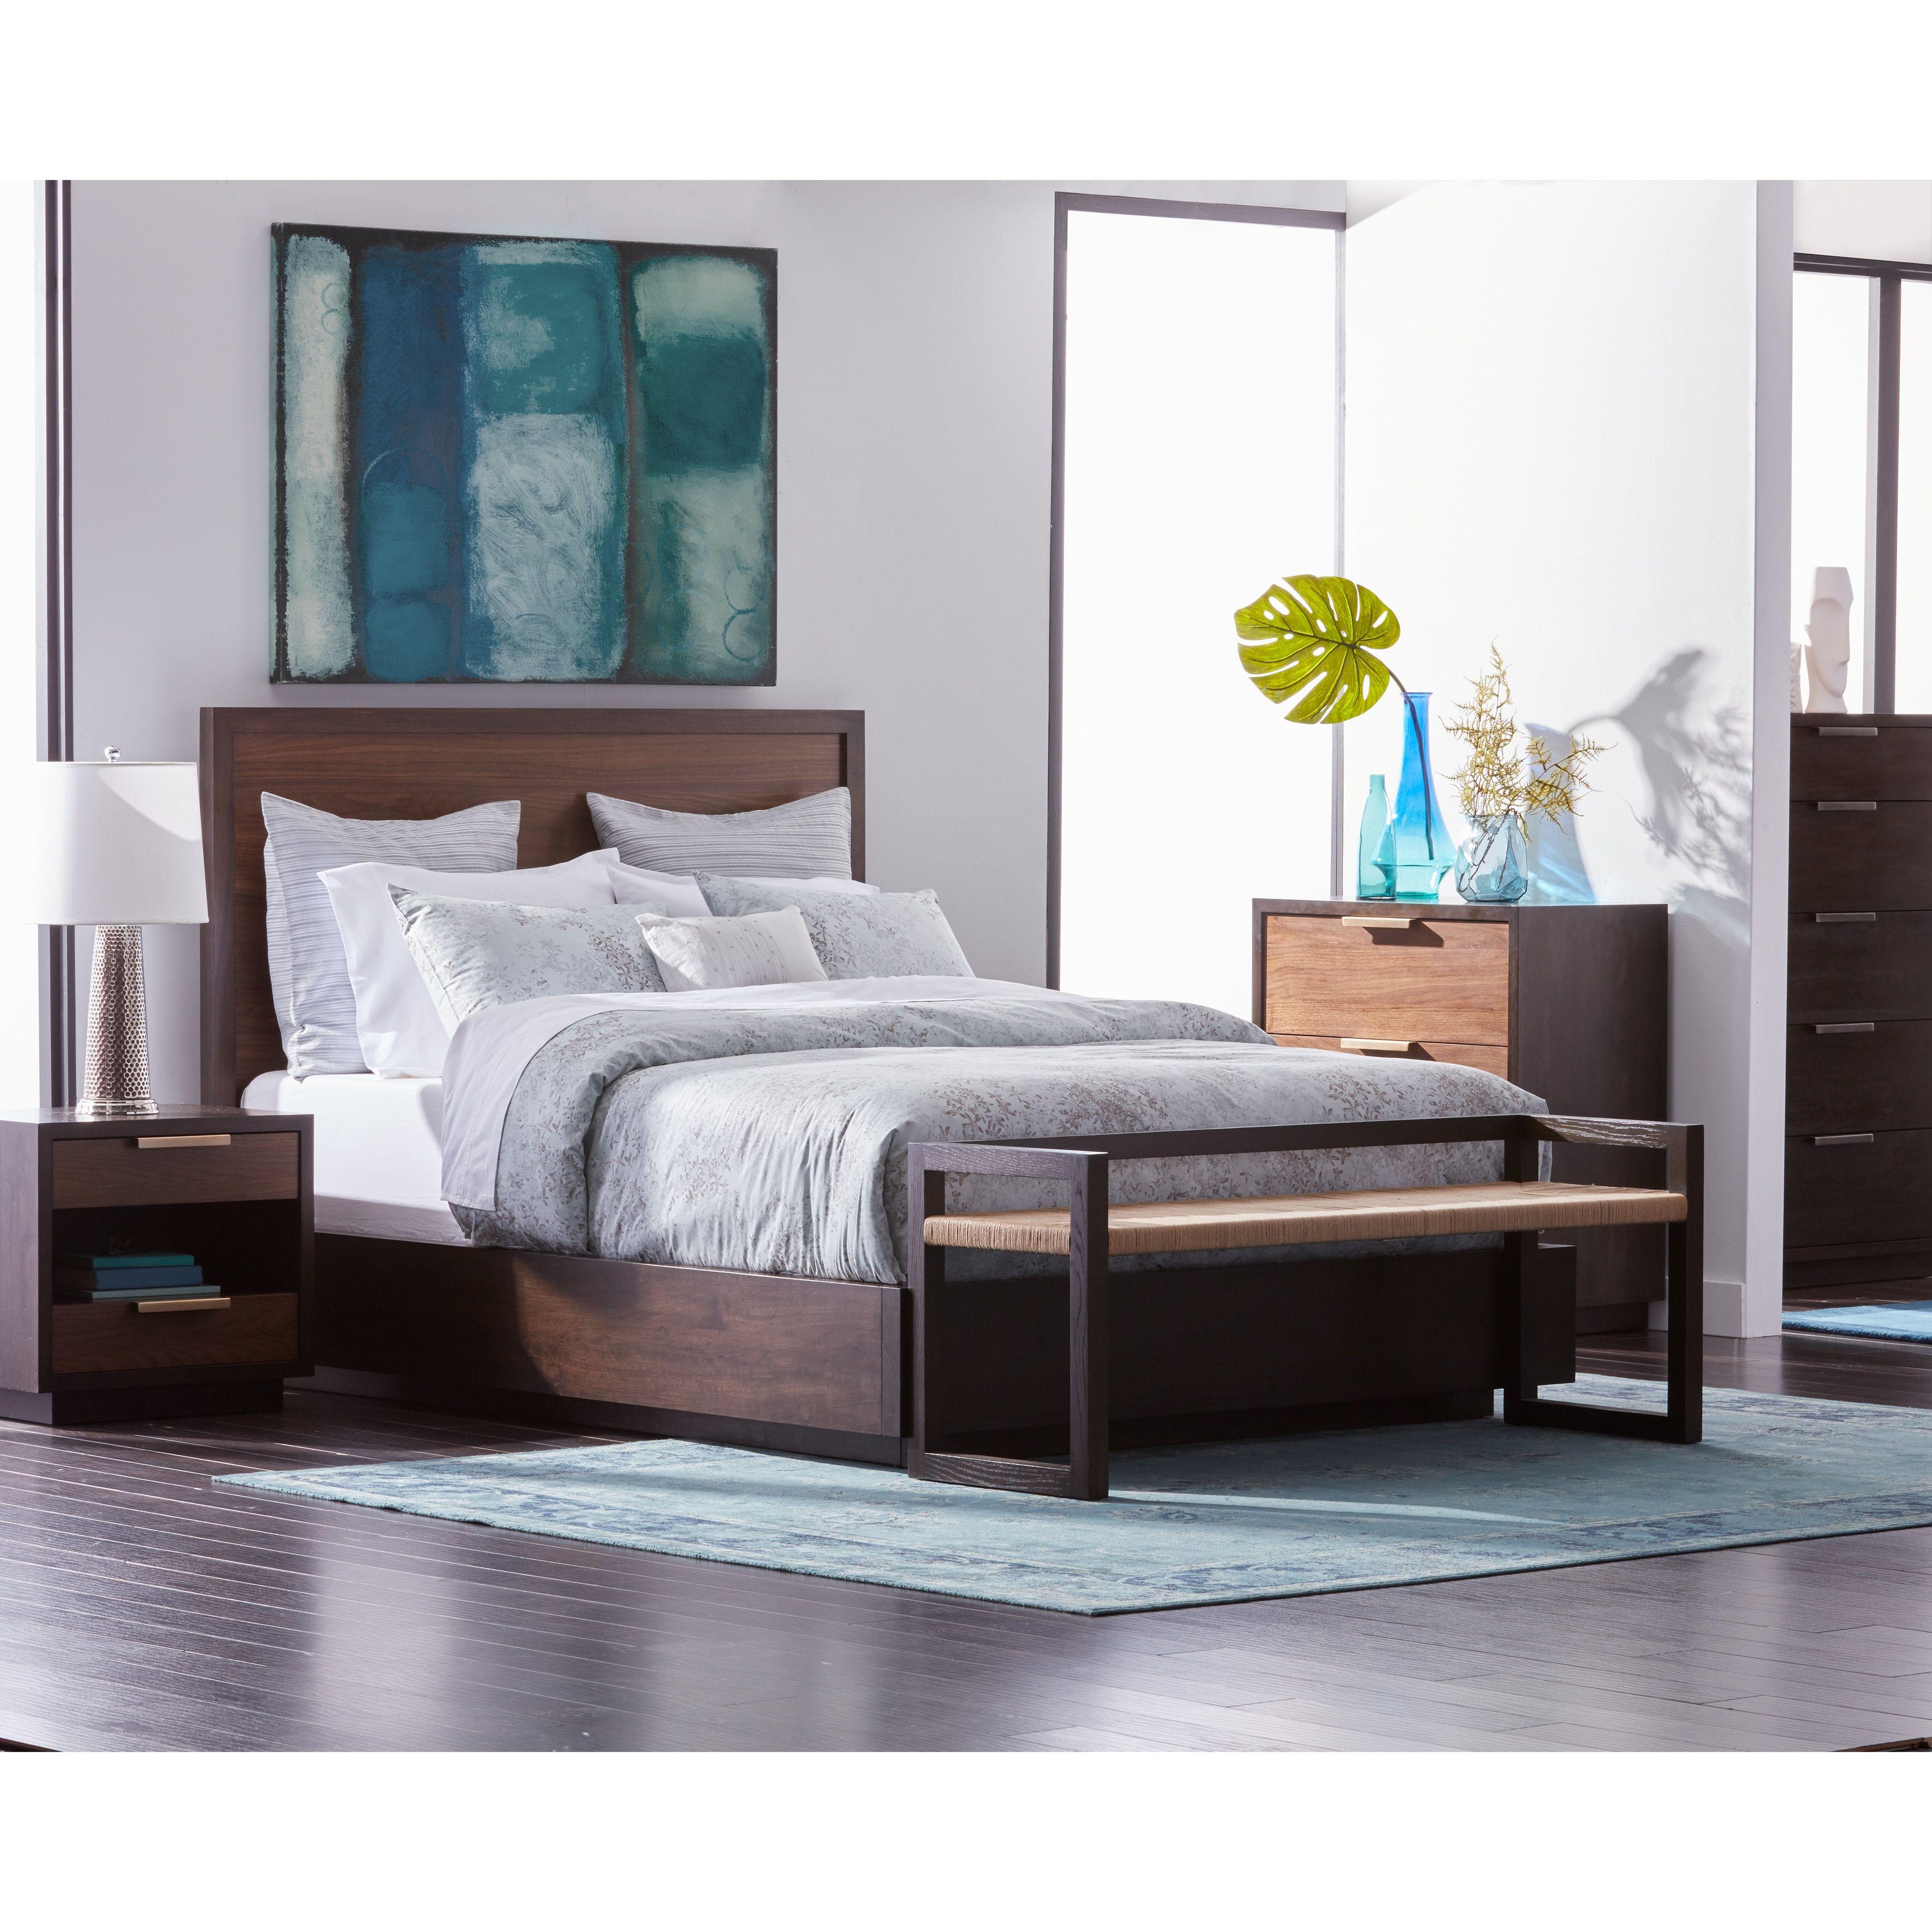 Shop Our Biggest Ever Memorial Day Sale Platform Bed Beds